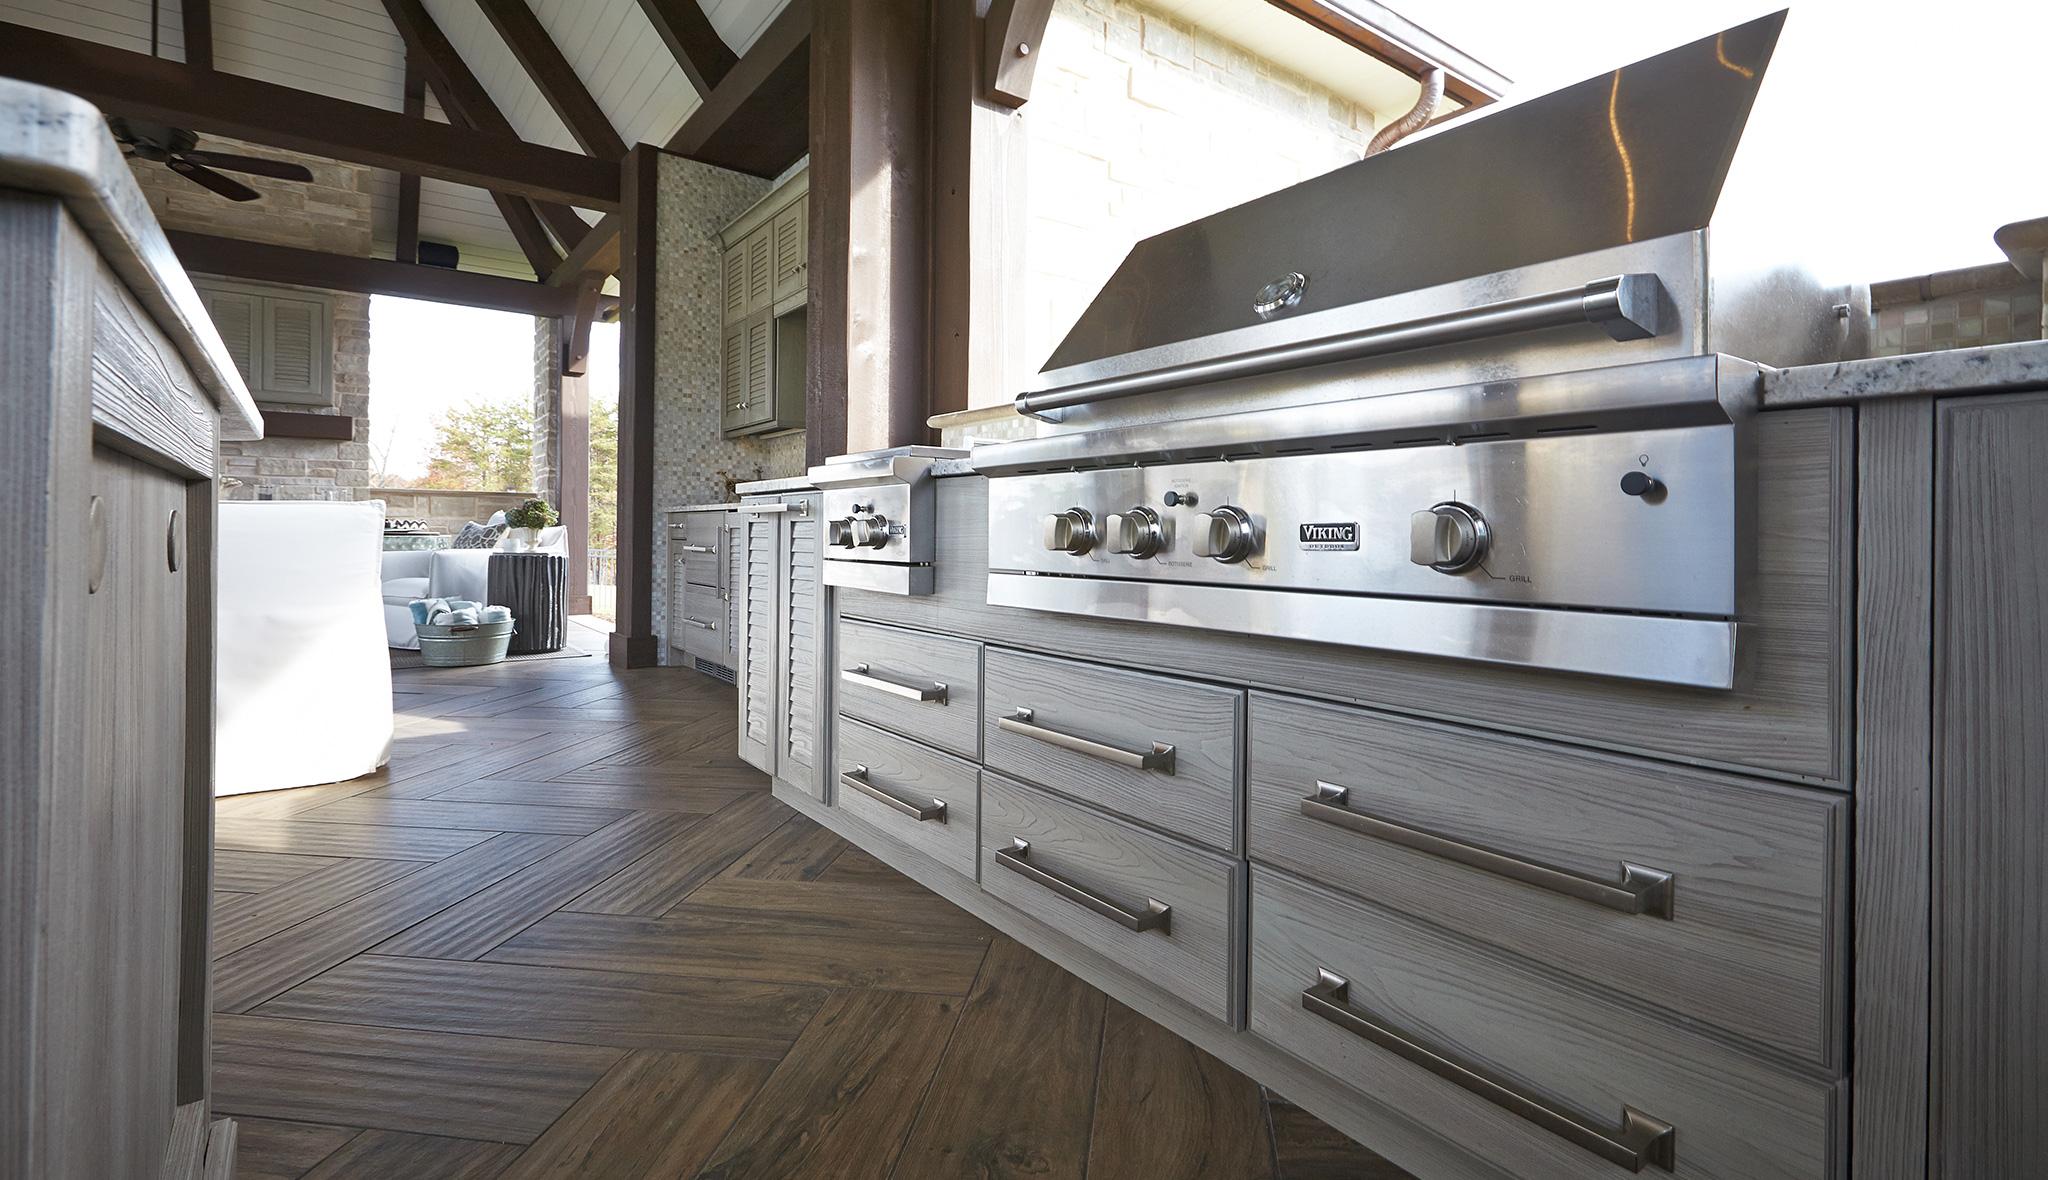 Weatherproof Outdoor Summer Kitchen Cabinets in Melbourne FL by Hammond Kitchens & Bath